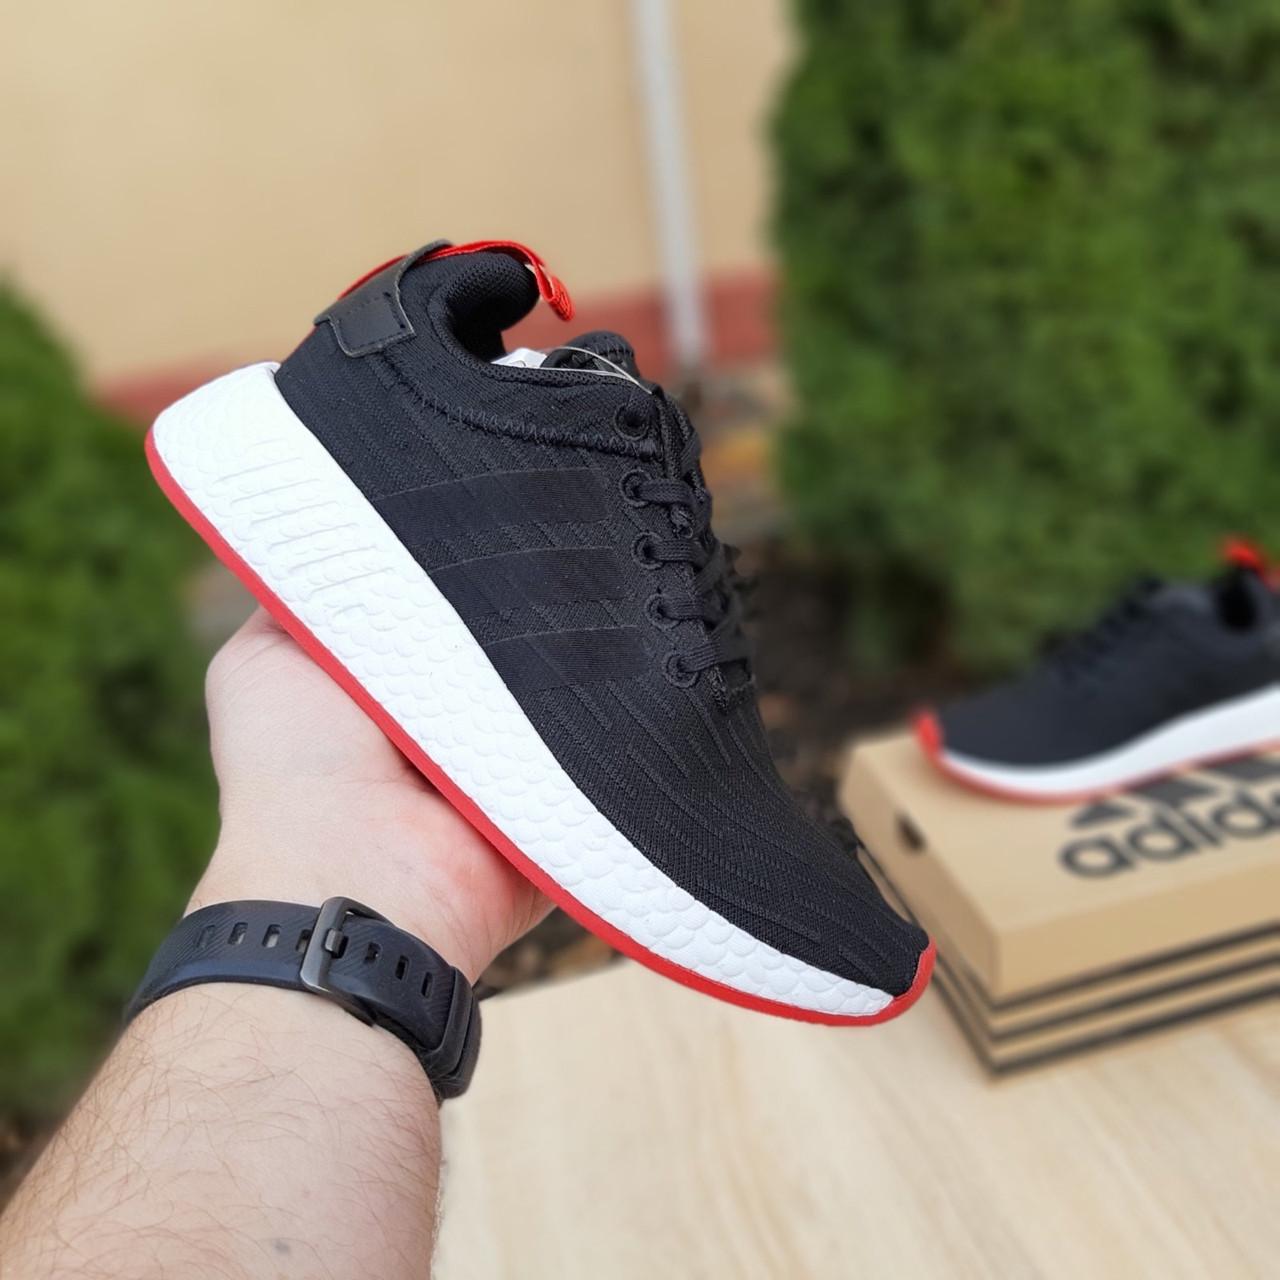 Кроссовки распродажа АКЦИЯ последние размеры Adidas 650 грн 37(23.5см), люкс копия